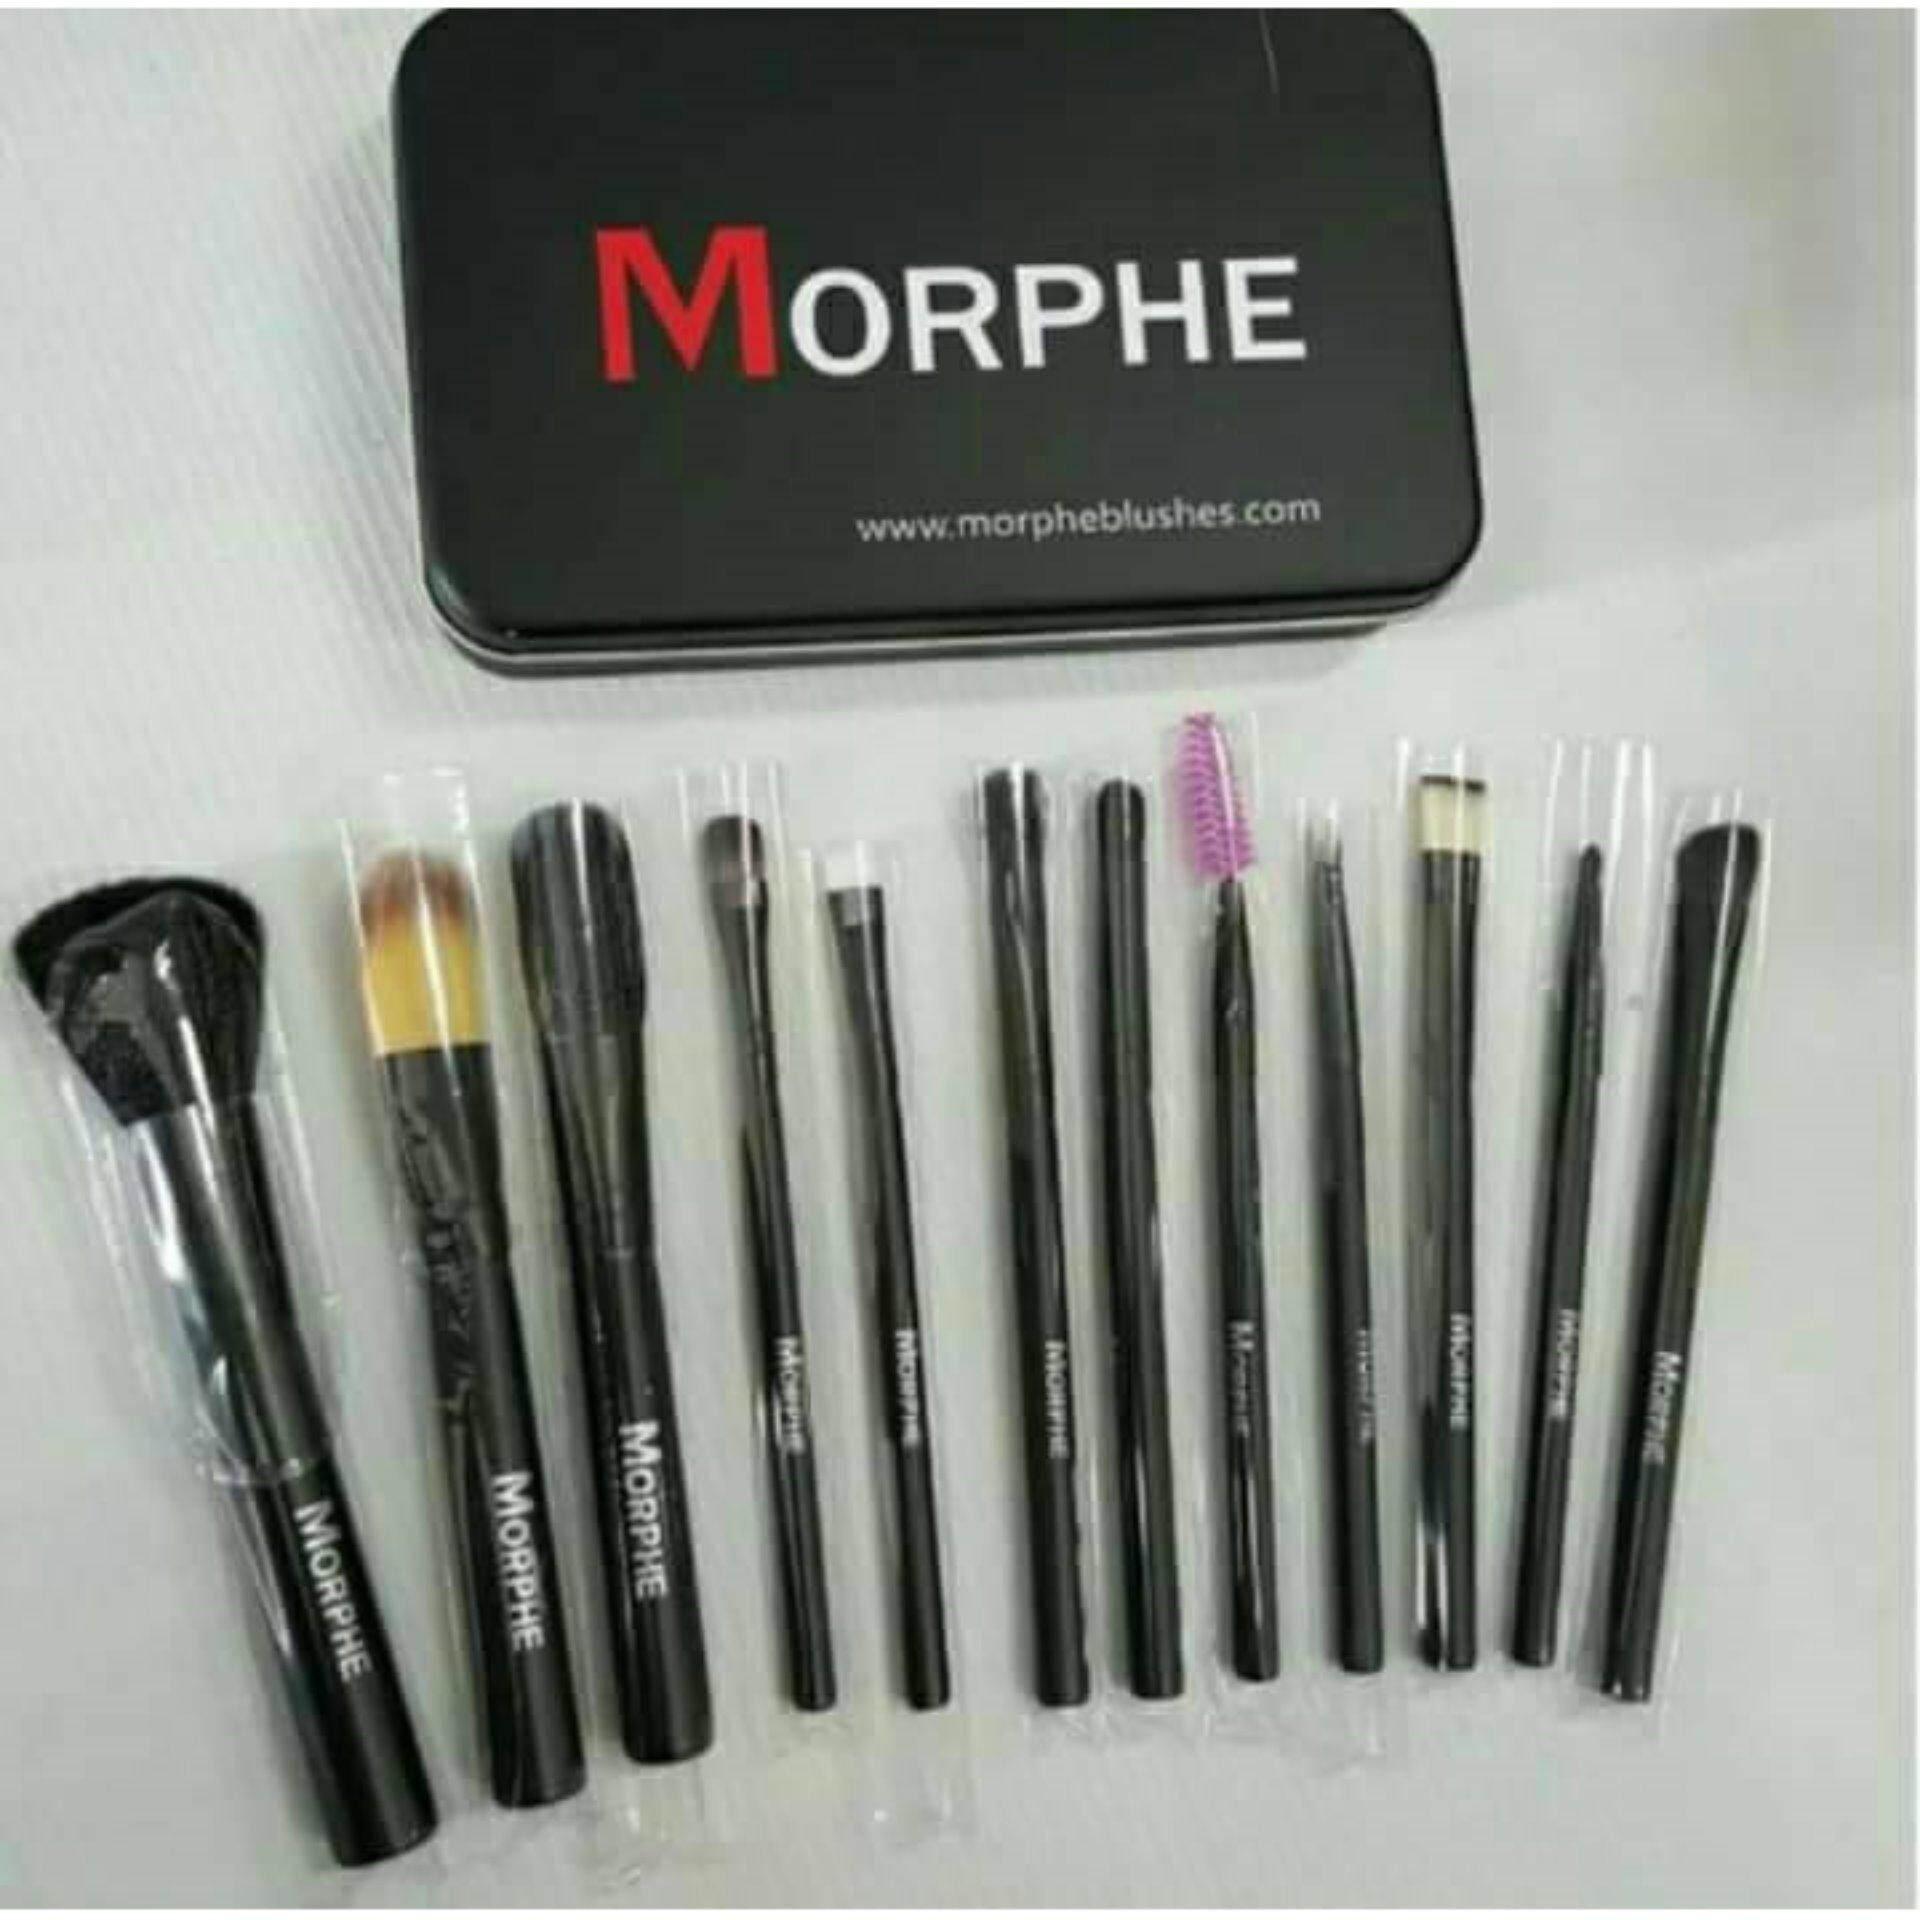 MORPHE Brush Makeup Set 12pcs